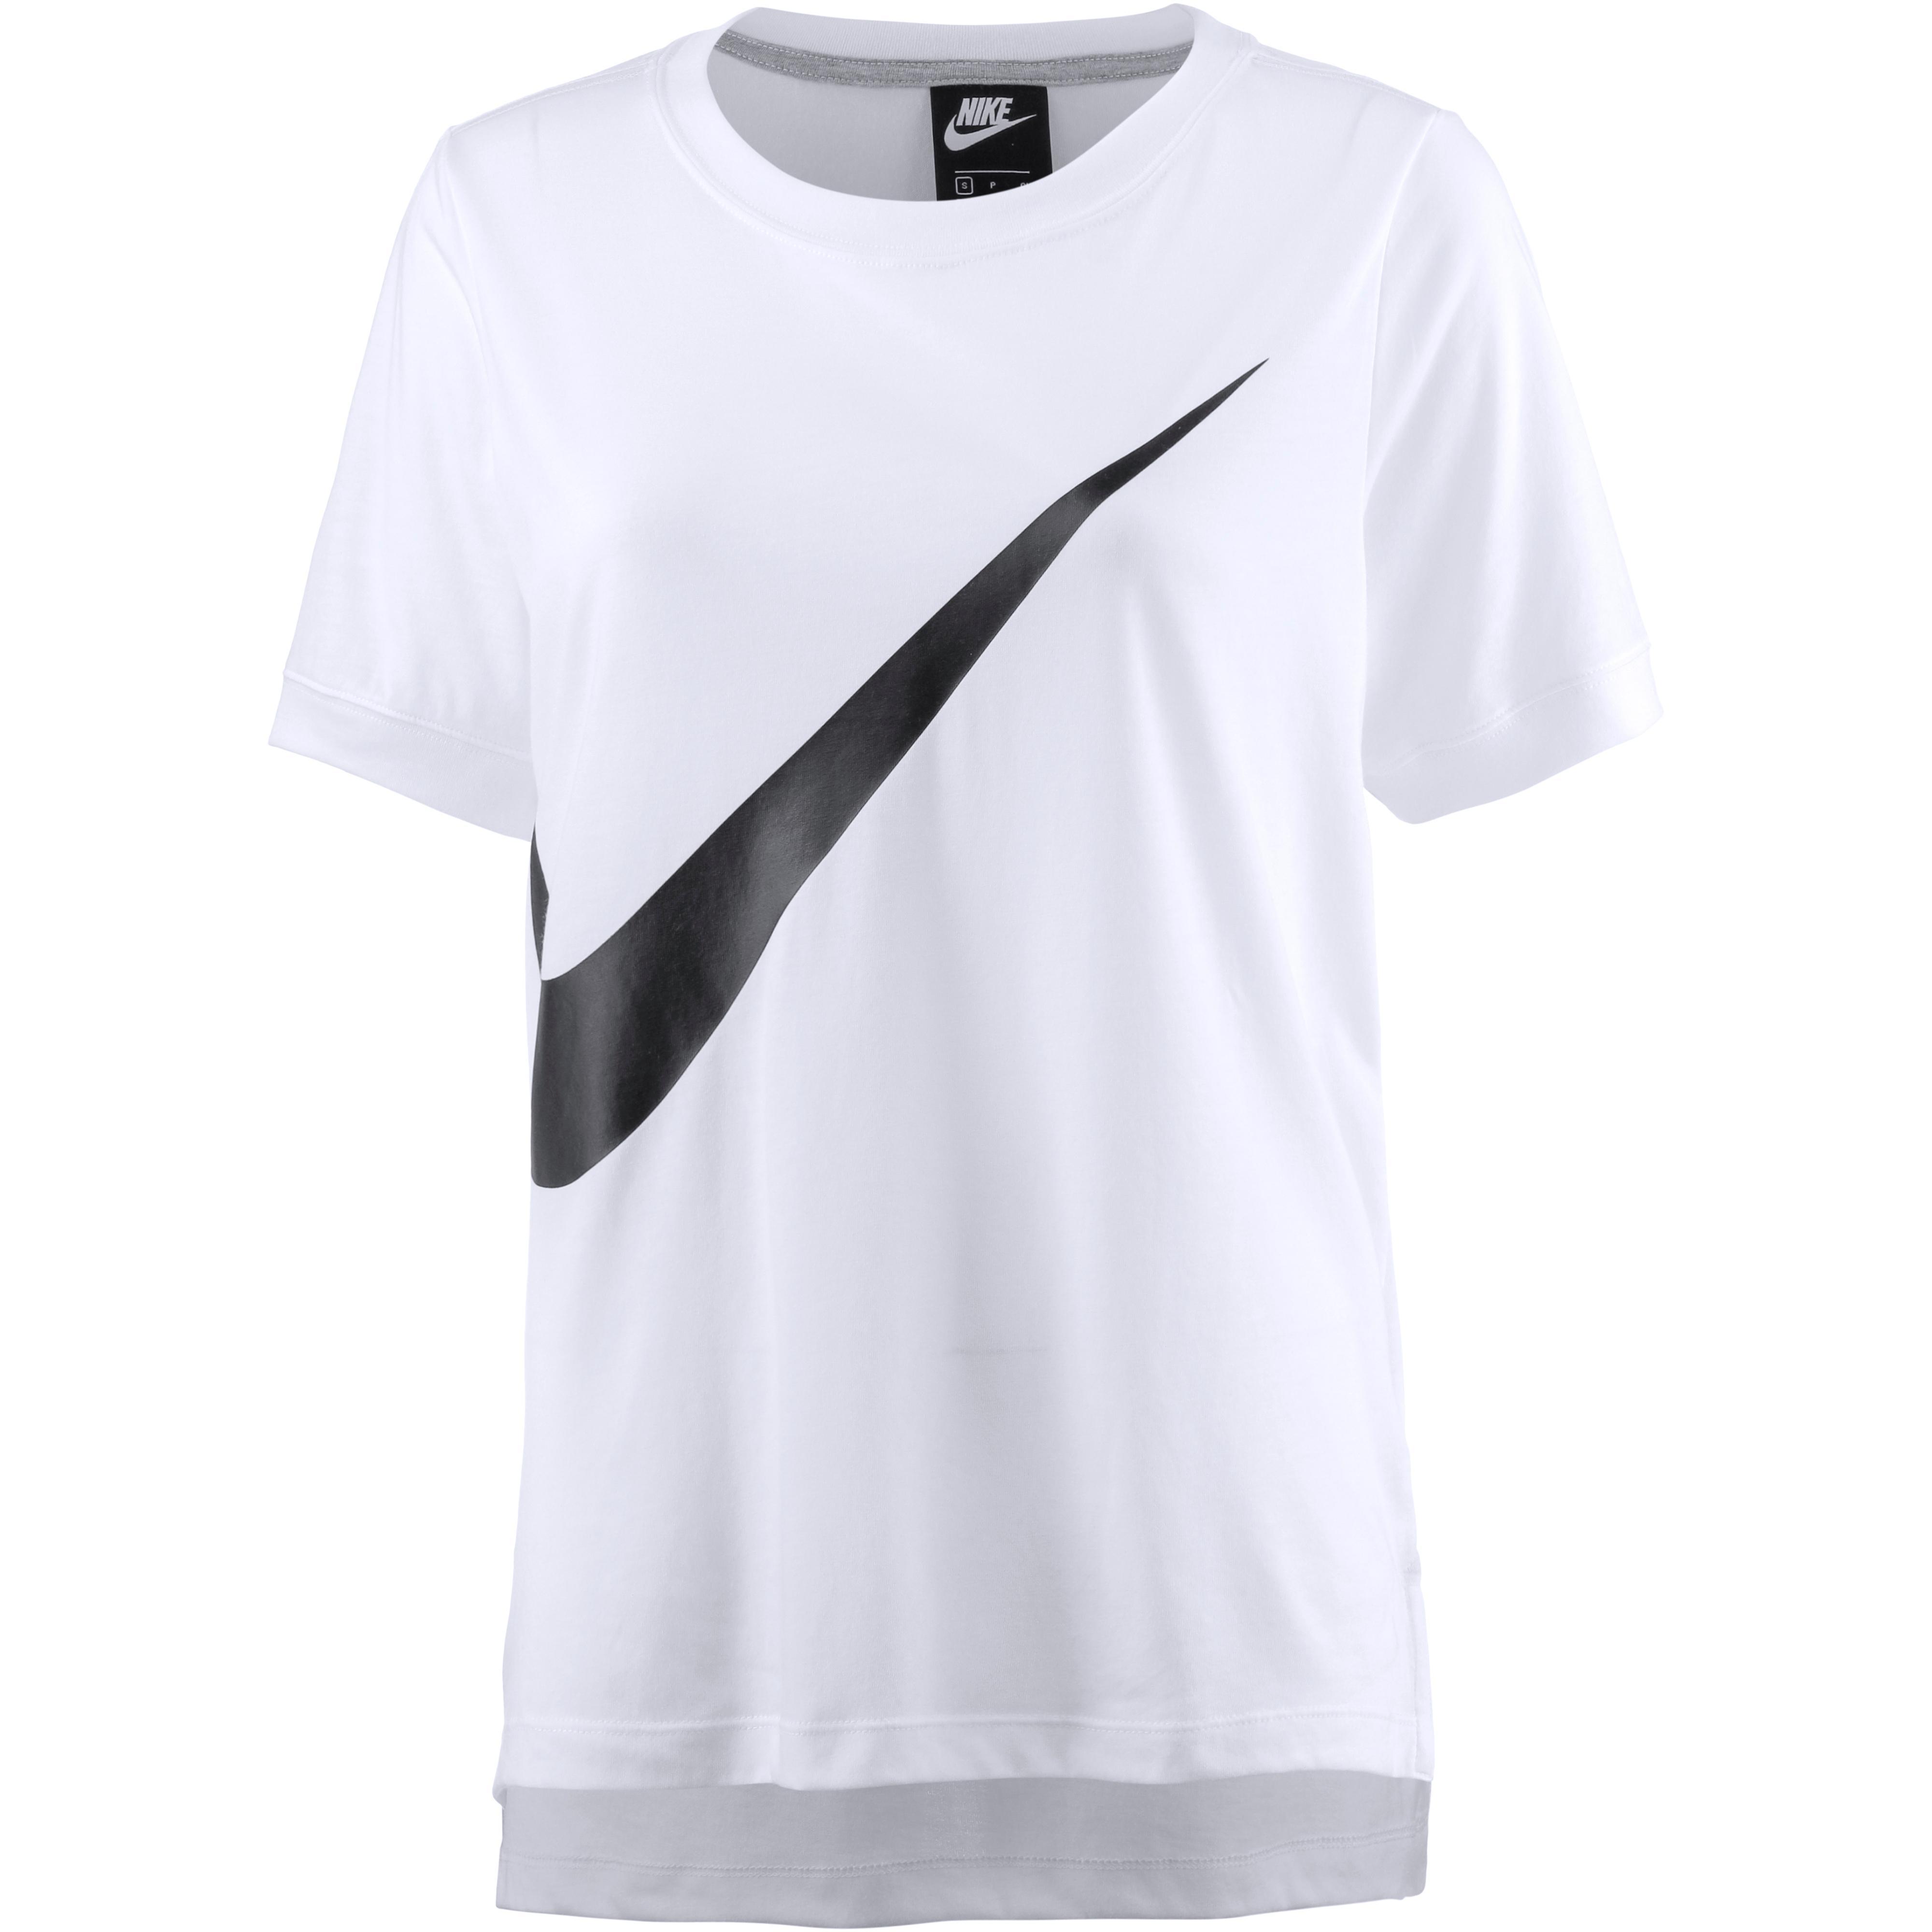 Nike T-Shirt Damen white-black im Online Shop von SportScheck kaufen